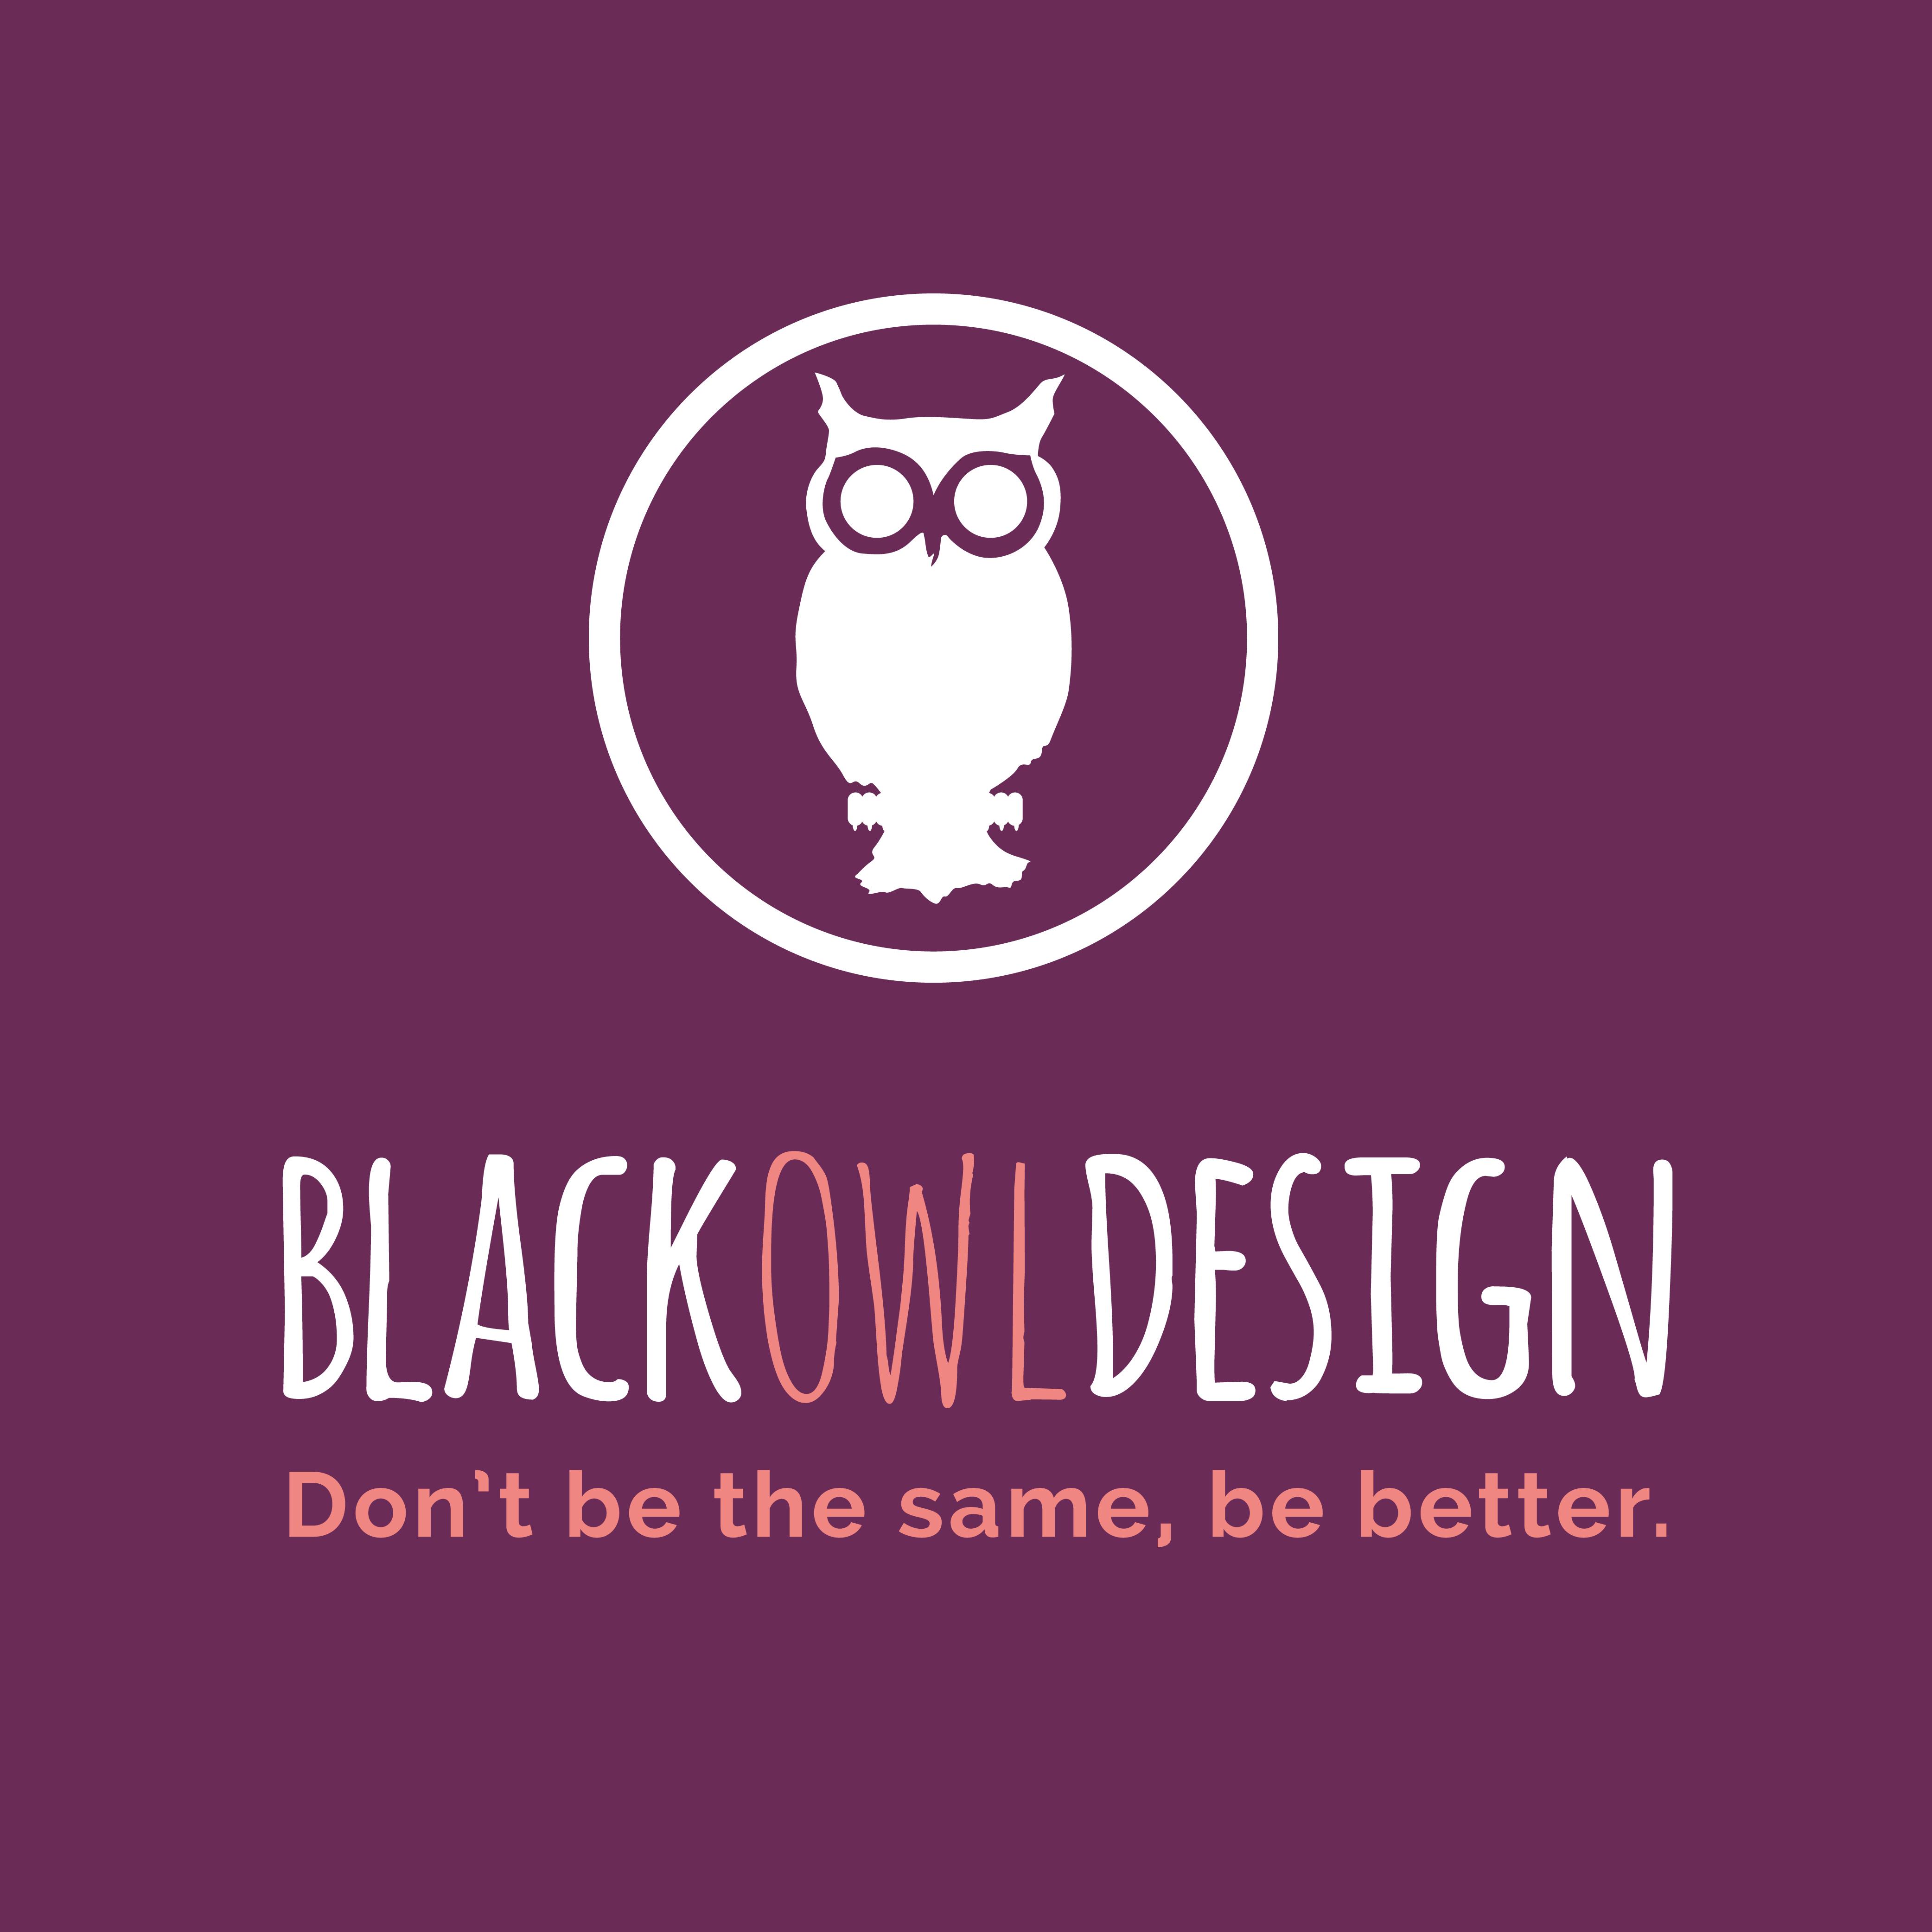 Black Owl Design